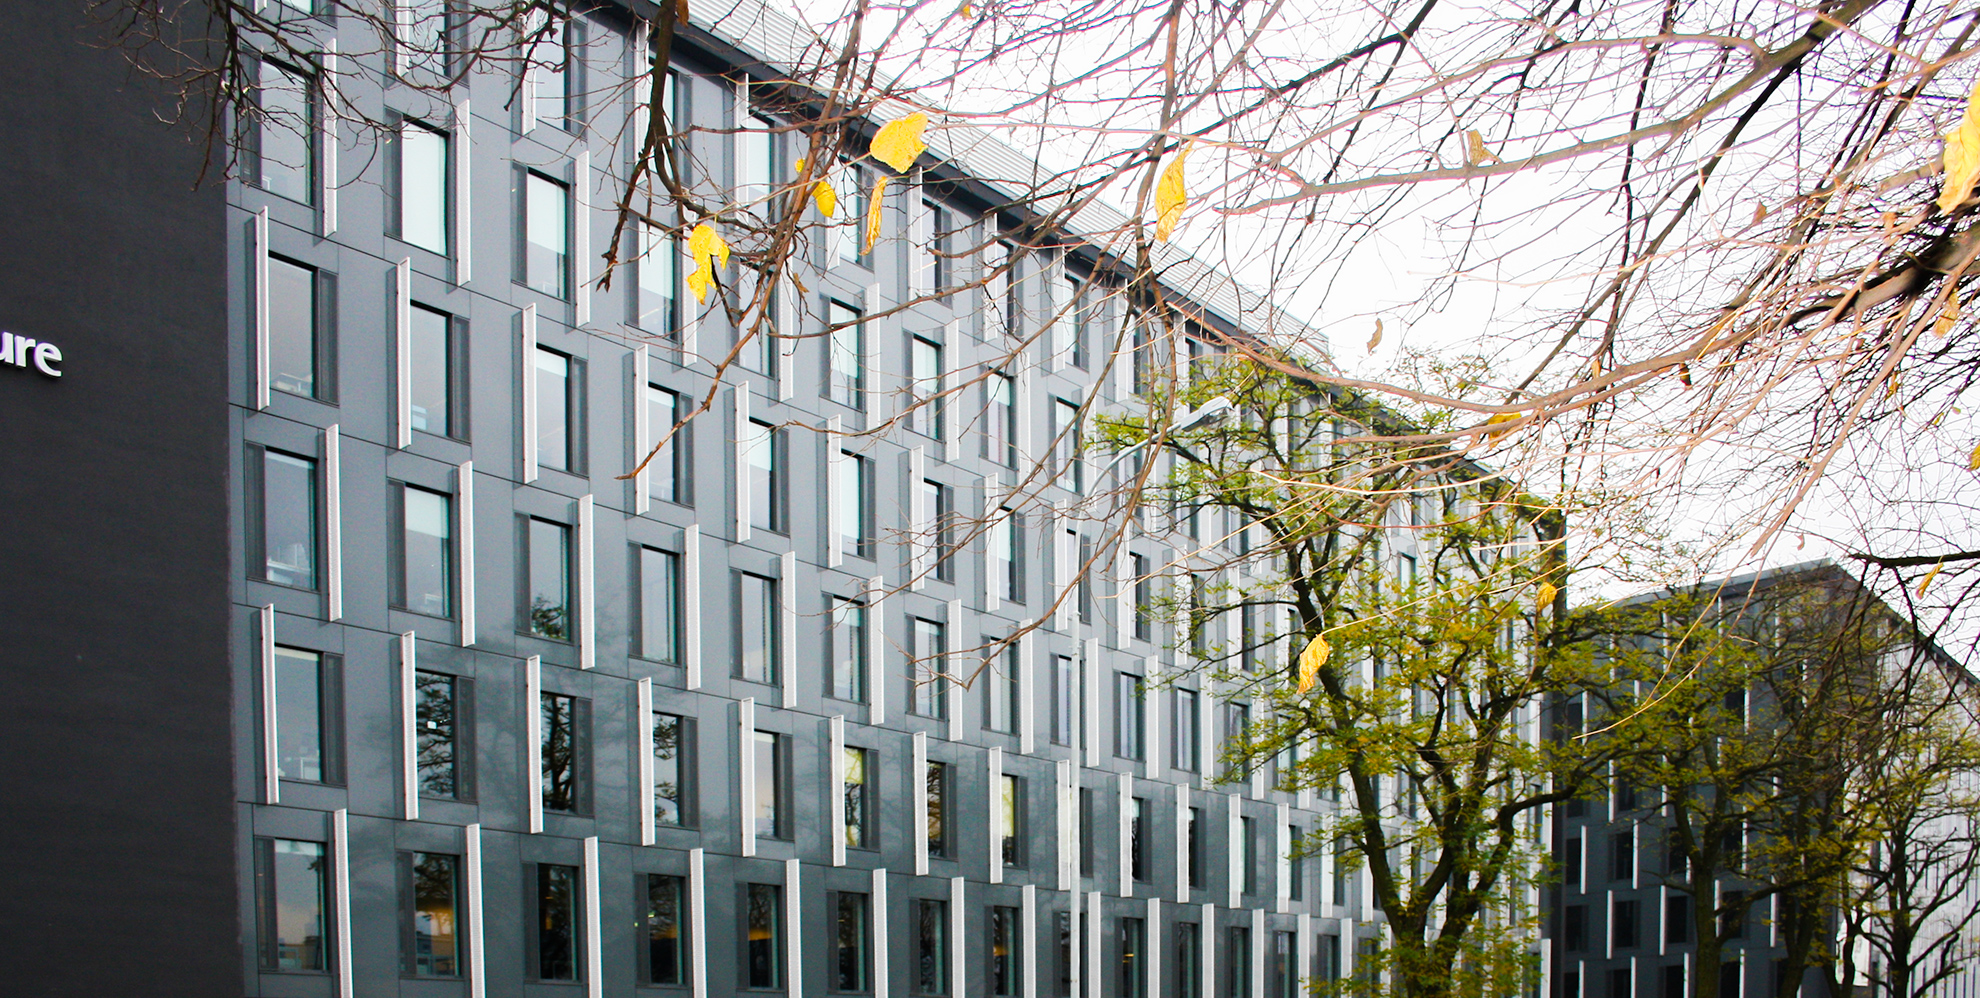 University-Business-Park_01_1622648389.jpg